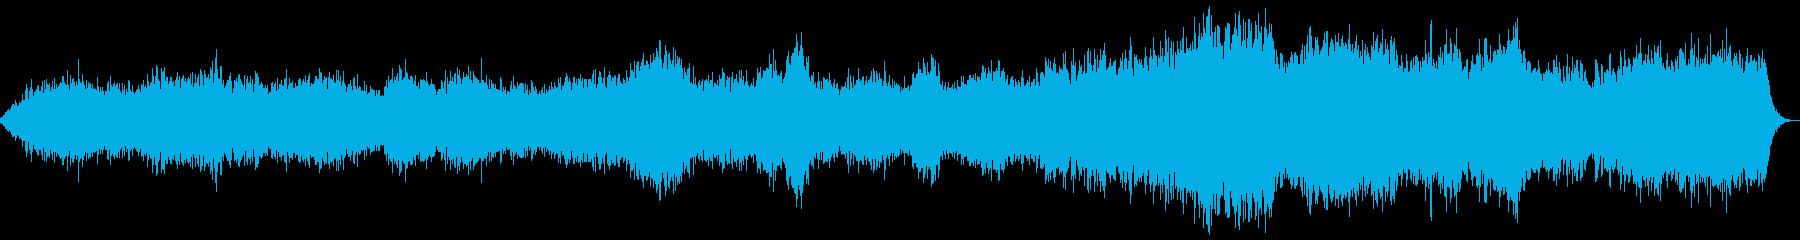 緊張感・サスペンス・ドキドキアンビエントの再生済みの波形